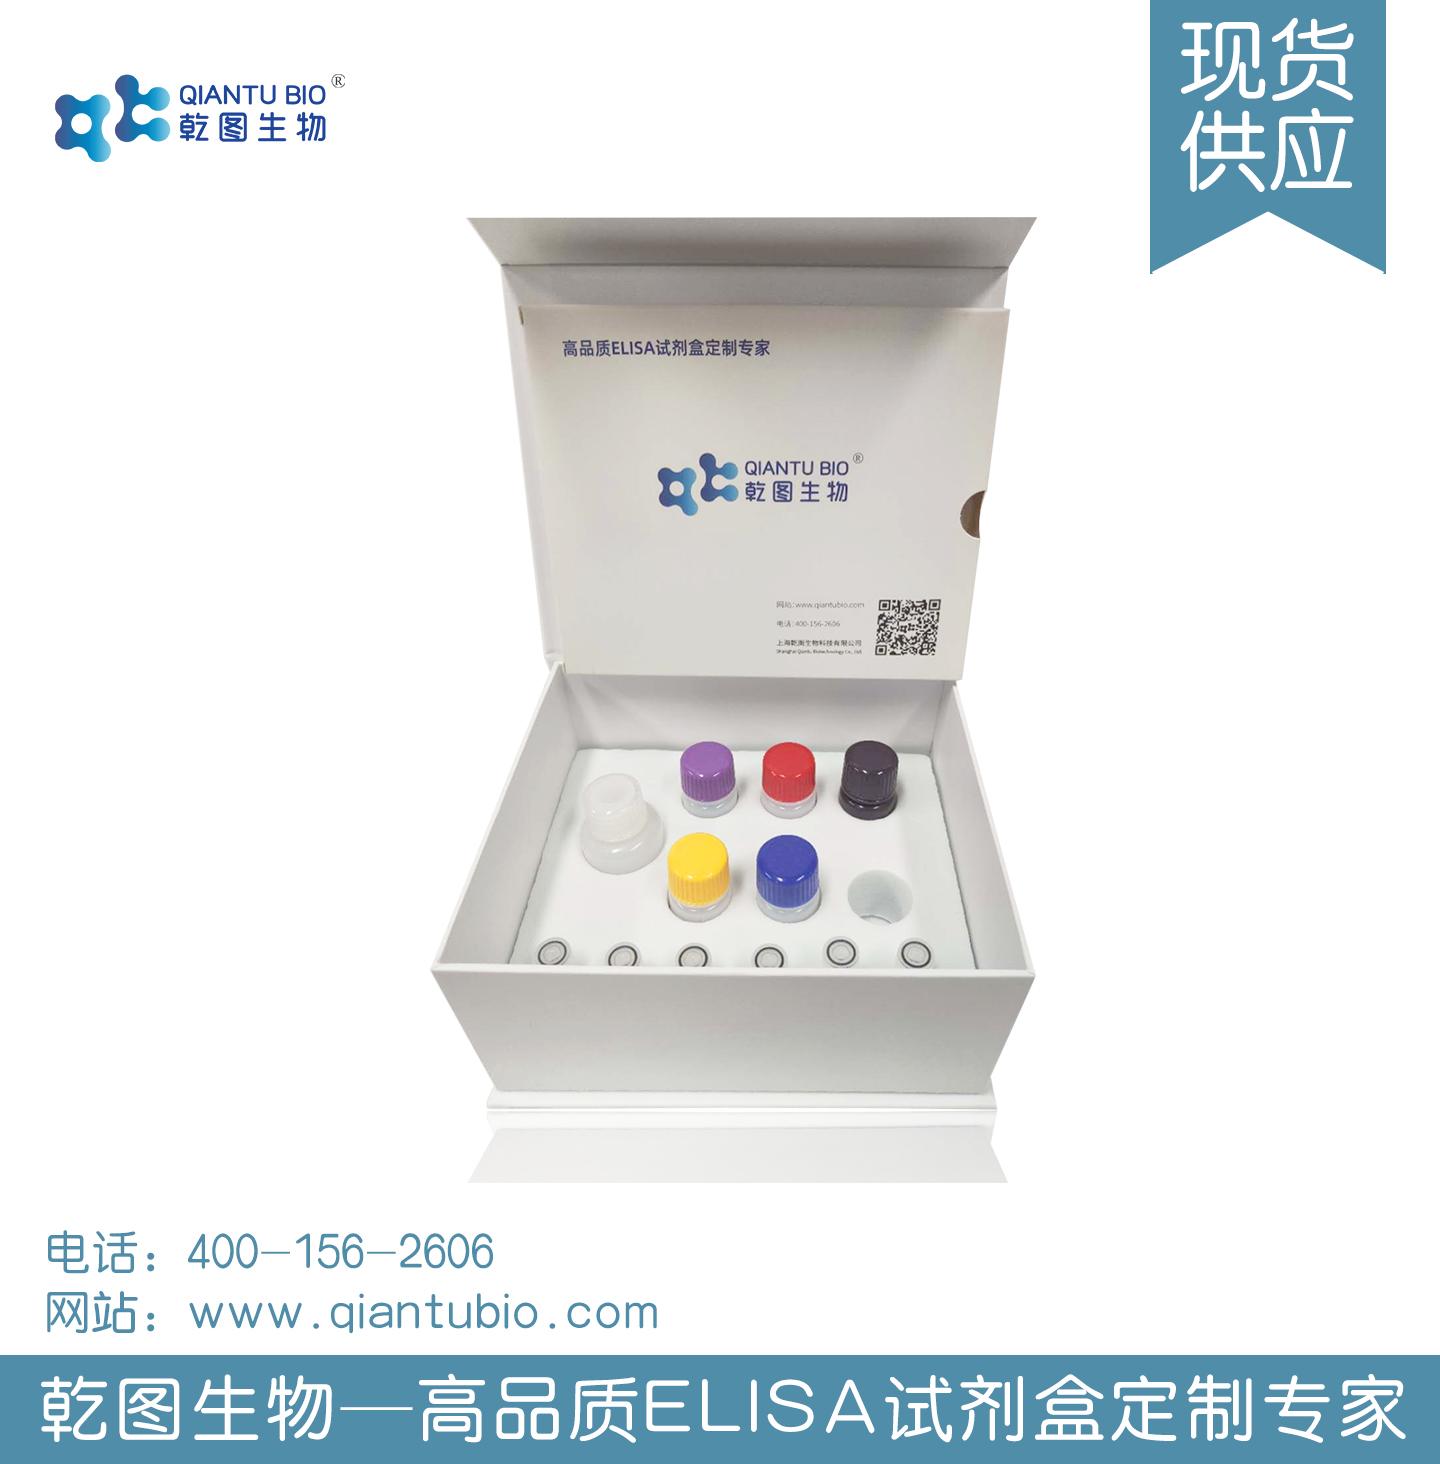 QTE21042 大鼠花生四烯酸(AA)ELISA试剂盒试剂盒说明书